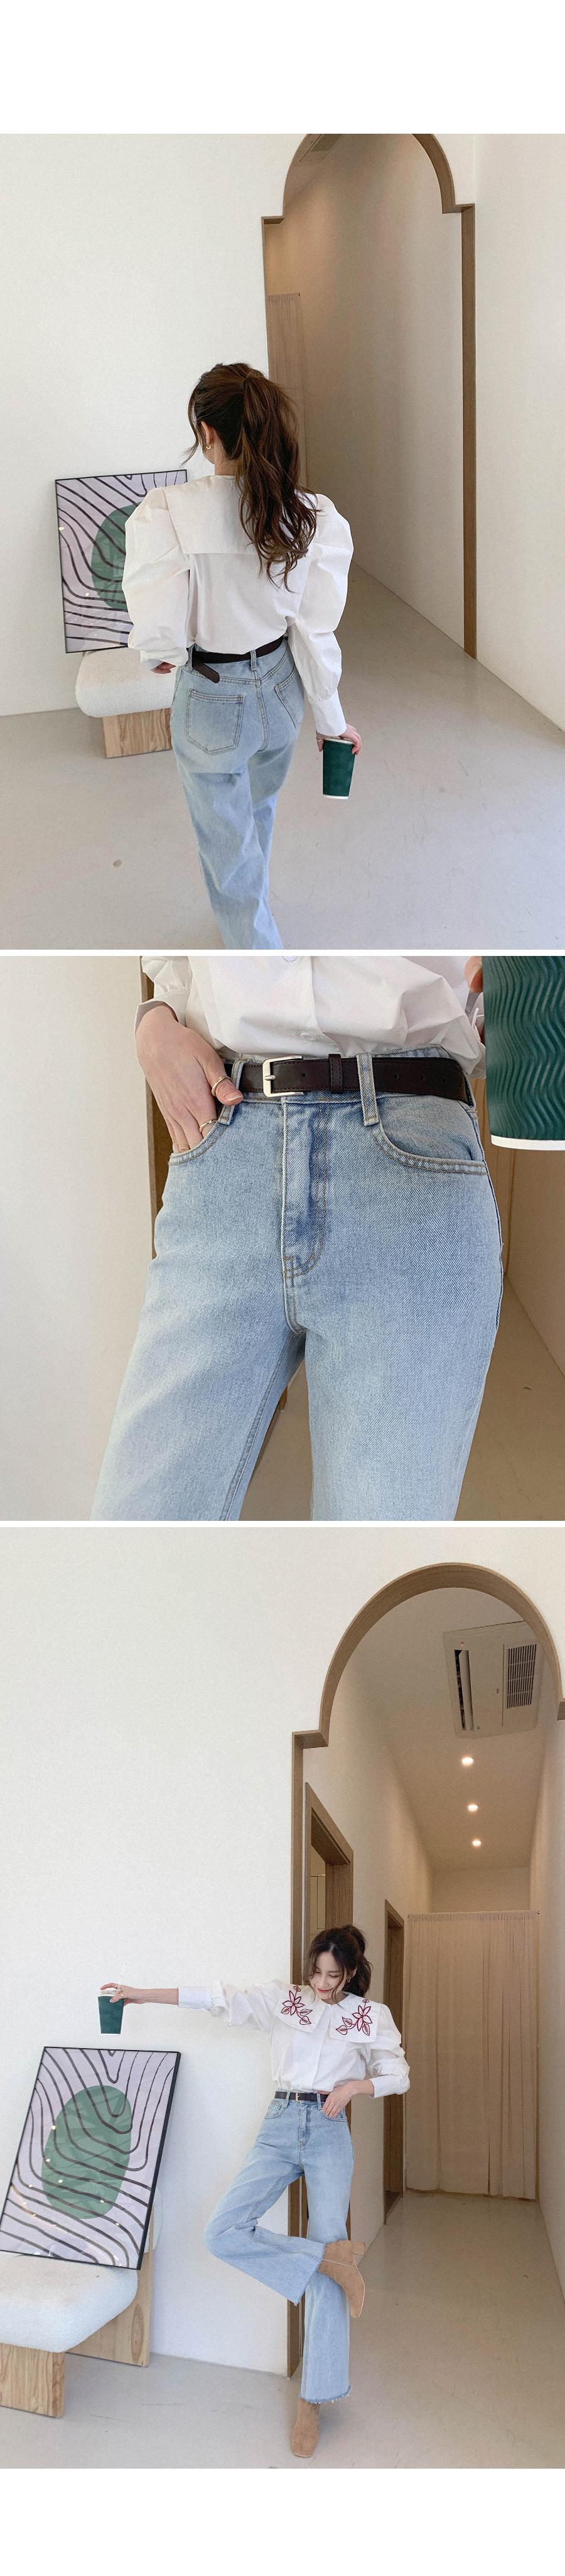 Standard one buckle belt